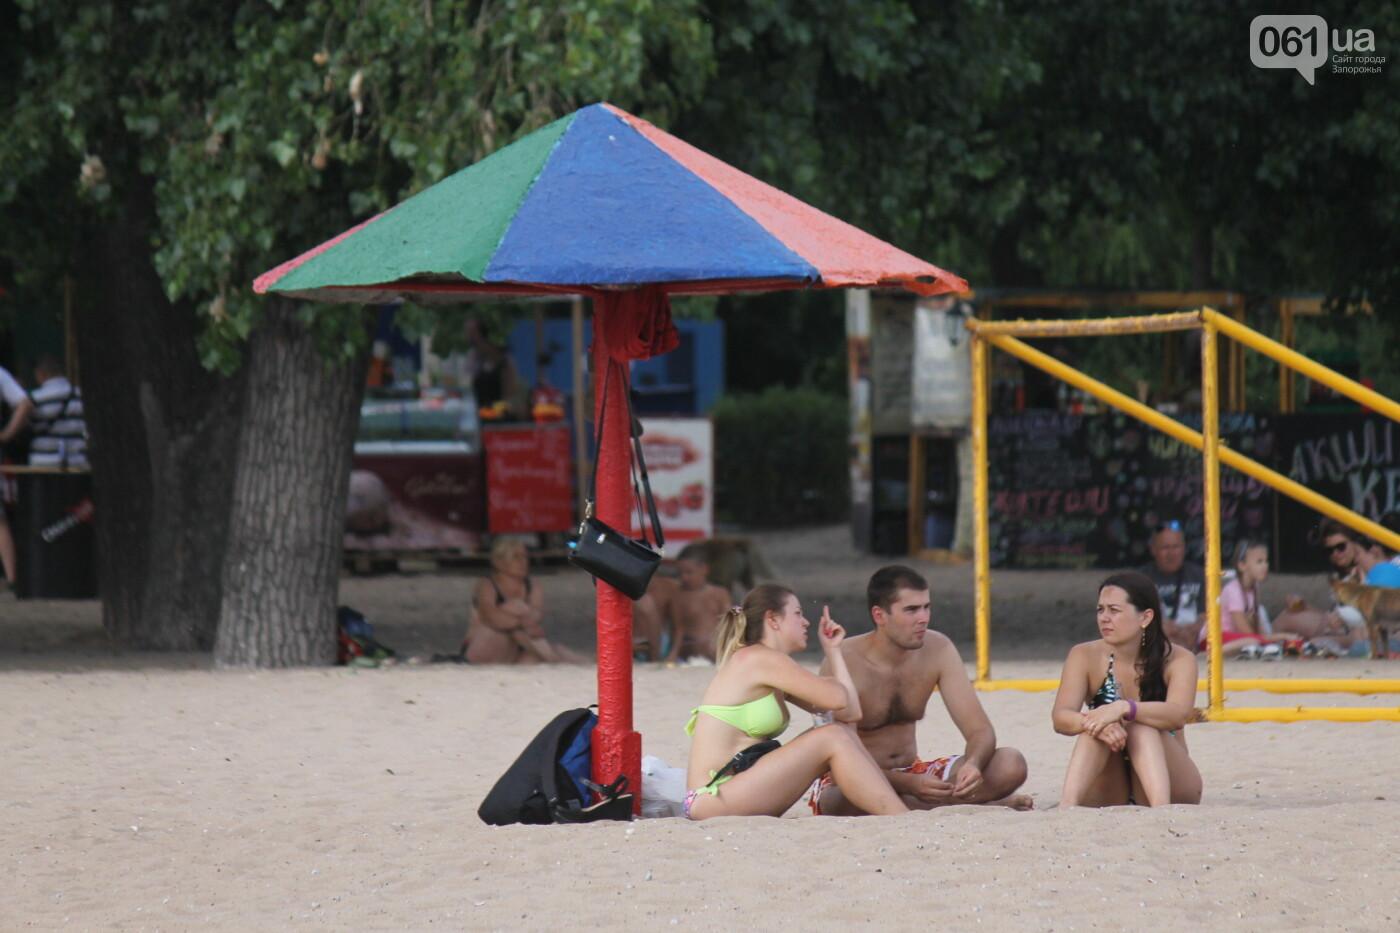 Макс Барских, «АГОНЬ» и TAYANNA: как в Запорожье прошел фестиваль «Пляжный Бум», – ФОТОРЕПОРТАЖ, фото-3